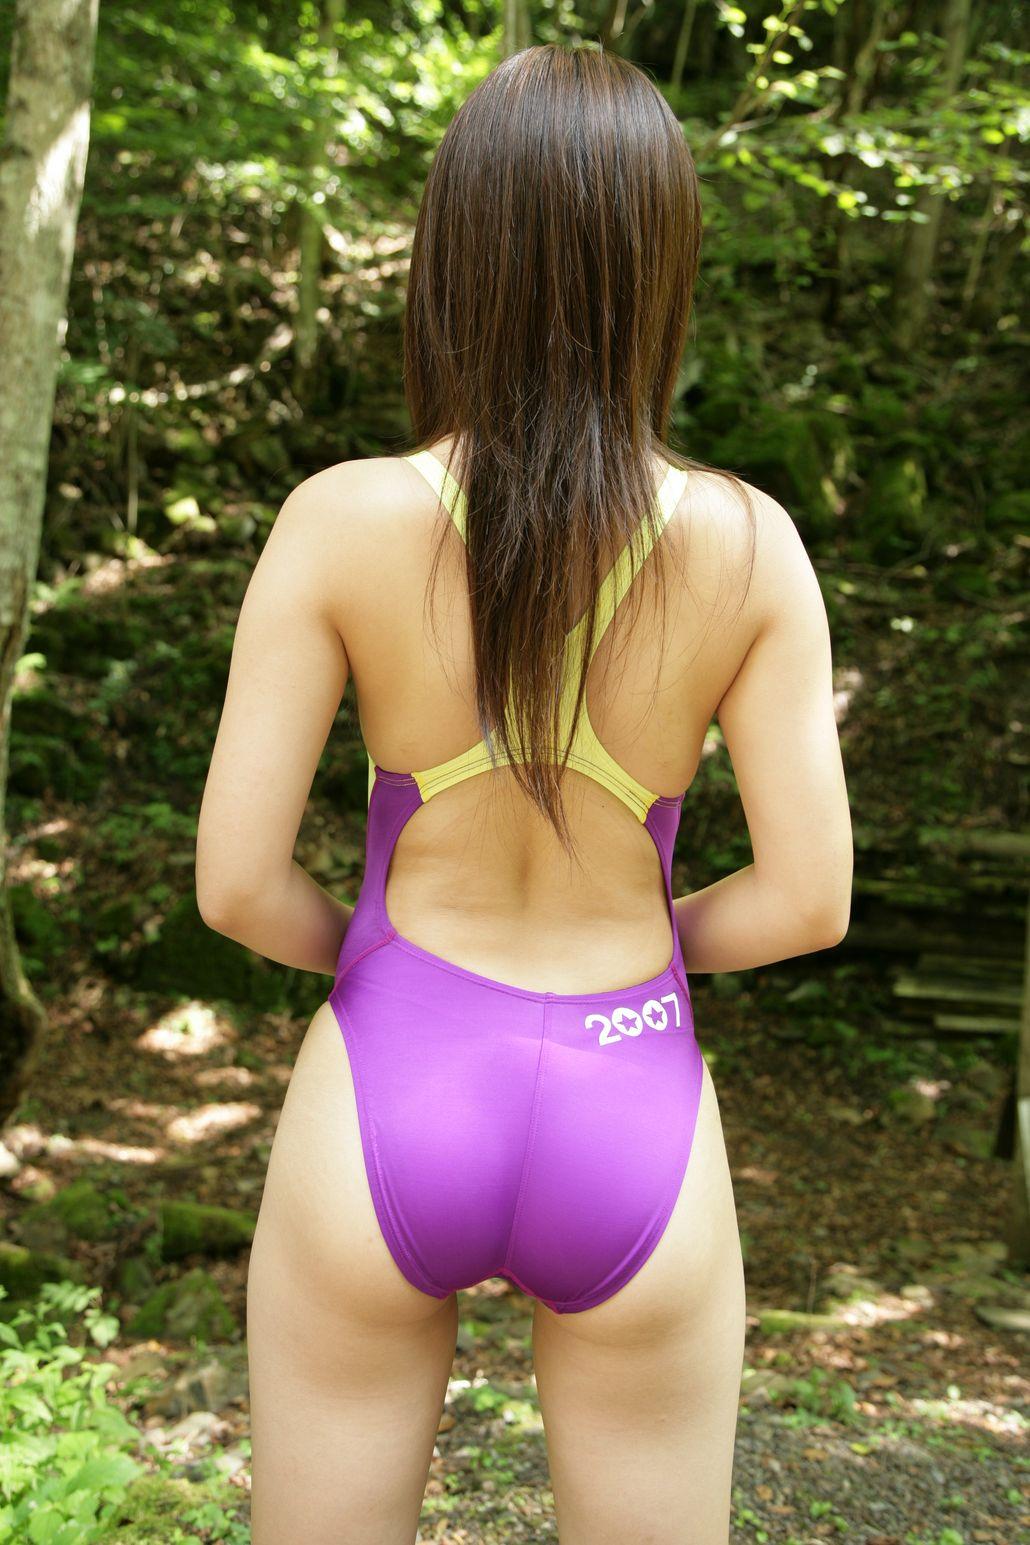 Uruguay beaches girl